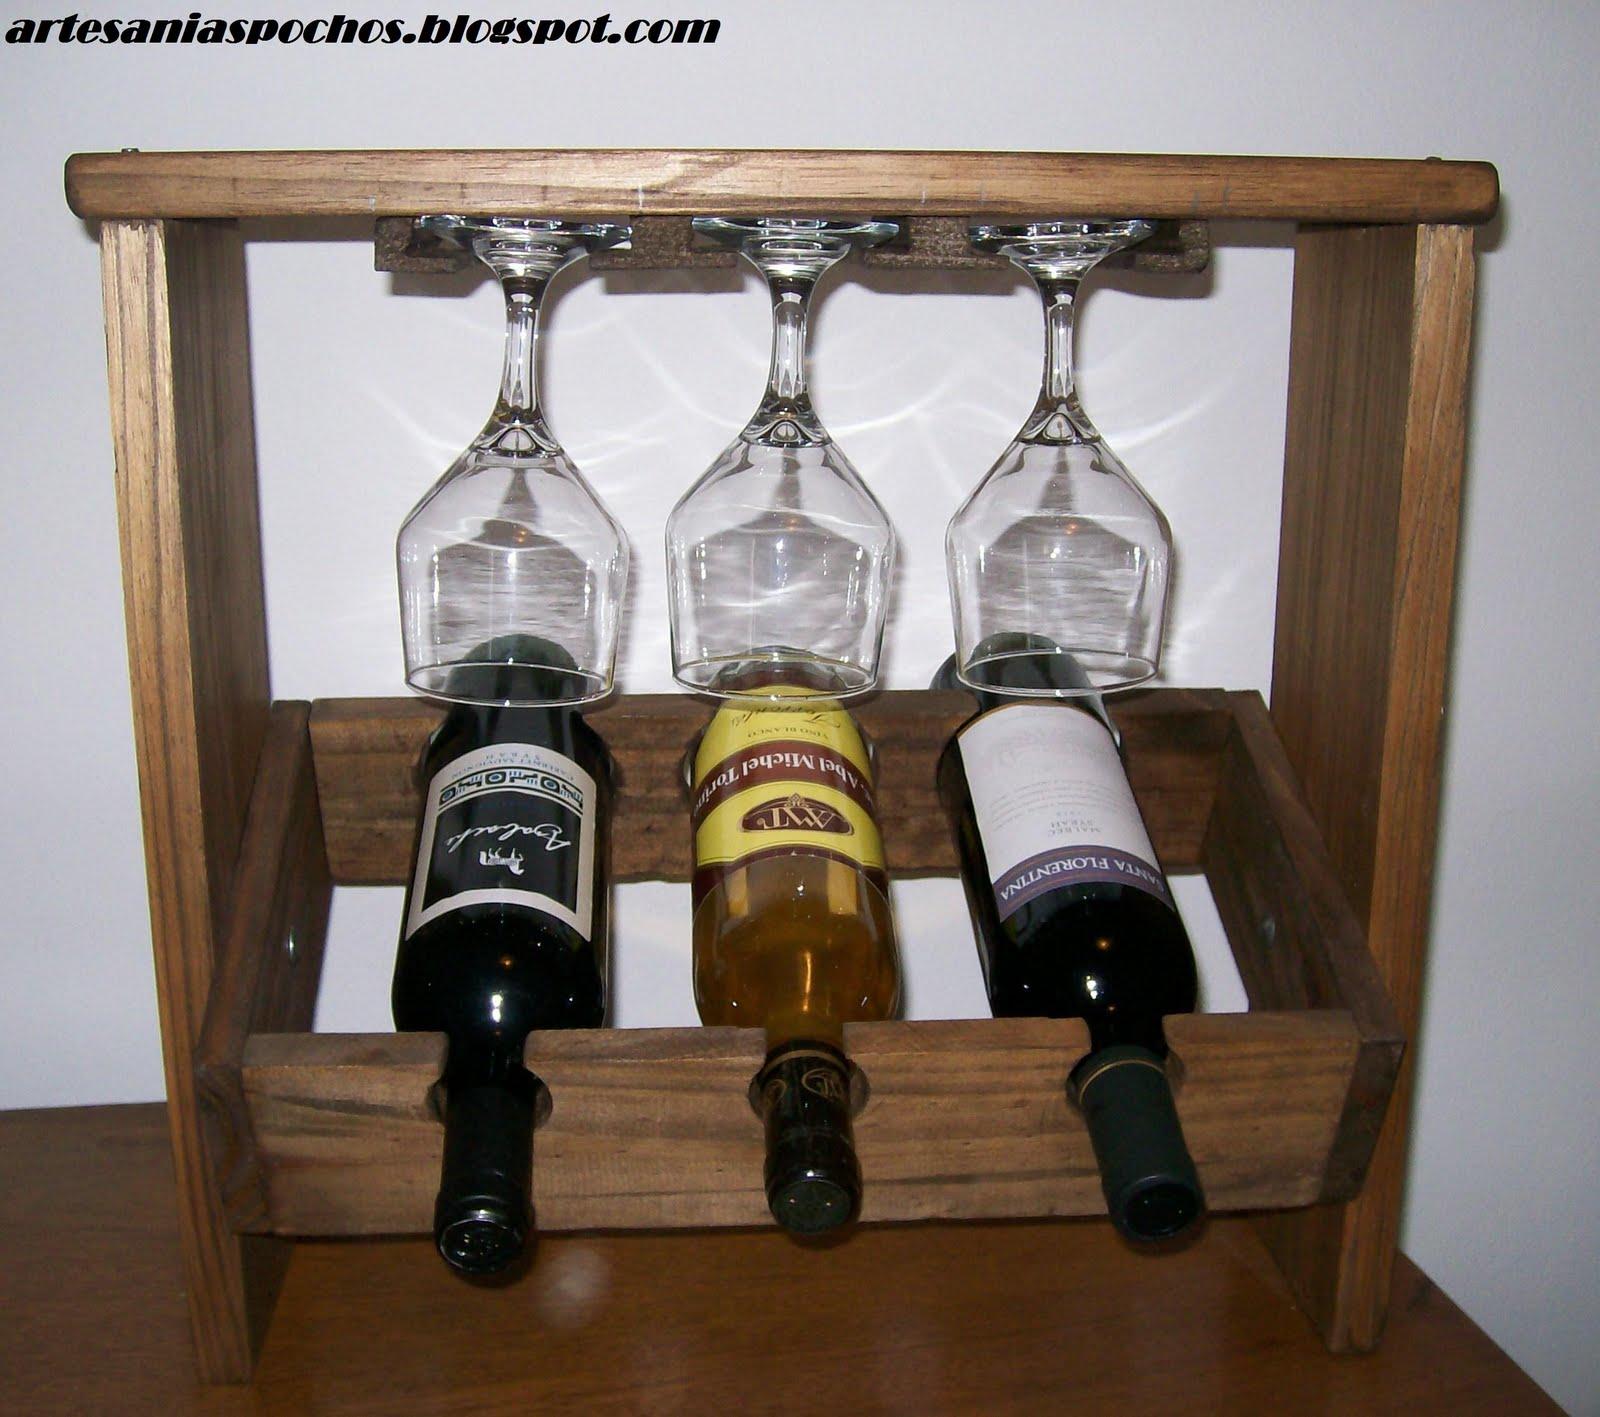 Artesanias pochos vinoteca - Vinotecas de madera ...